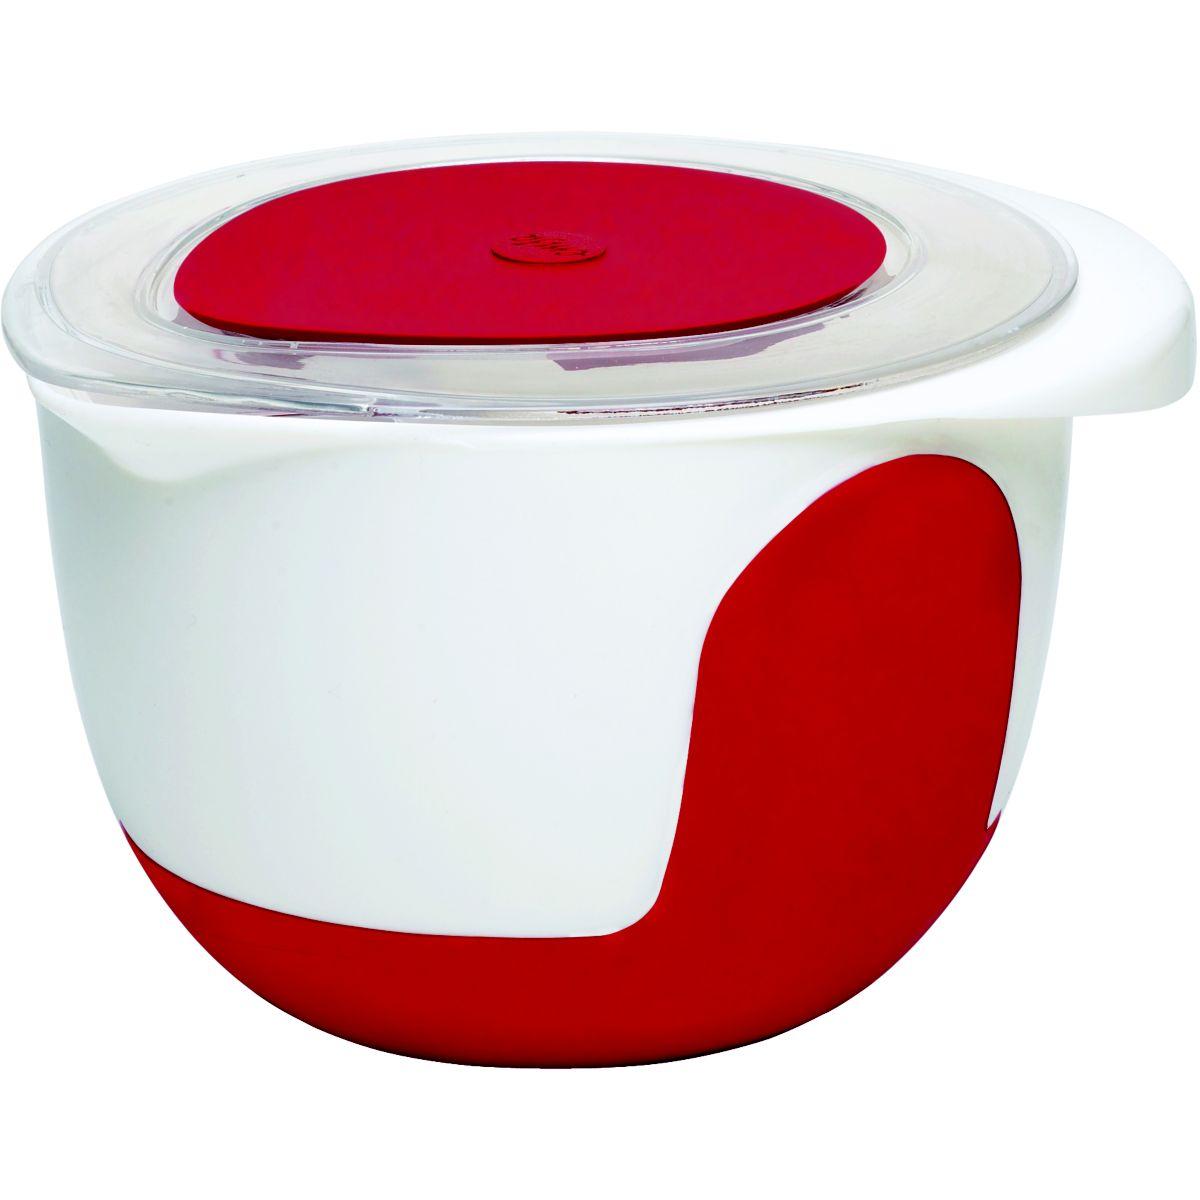 Bol emsa mix & bake avec couvercle 2l bl - 20% de remise imm�diate avec le code : paques20 (photo)